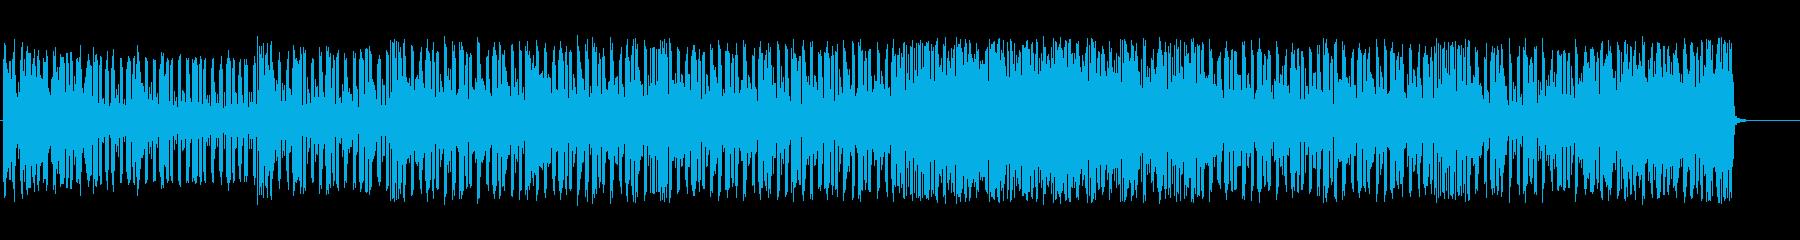 グルービーなテクノBGMの再生済みの波形